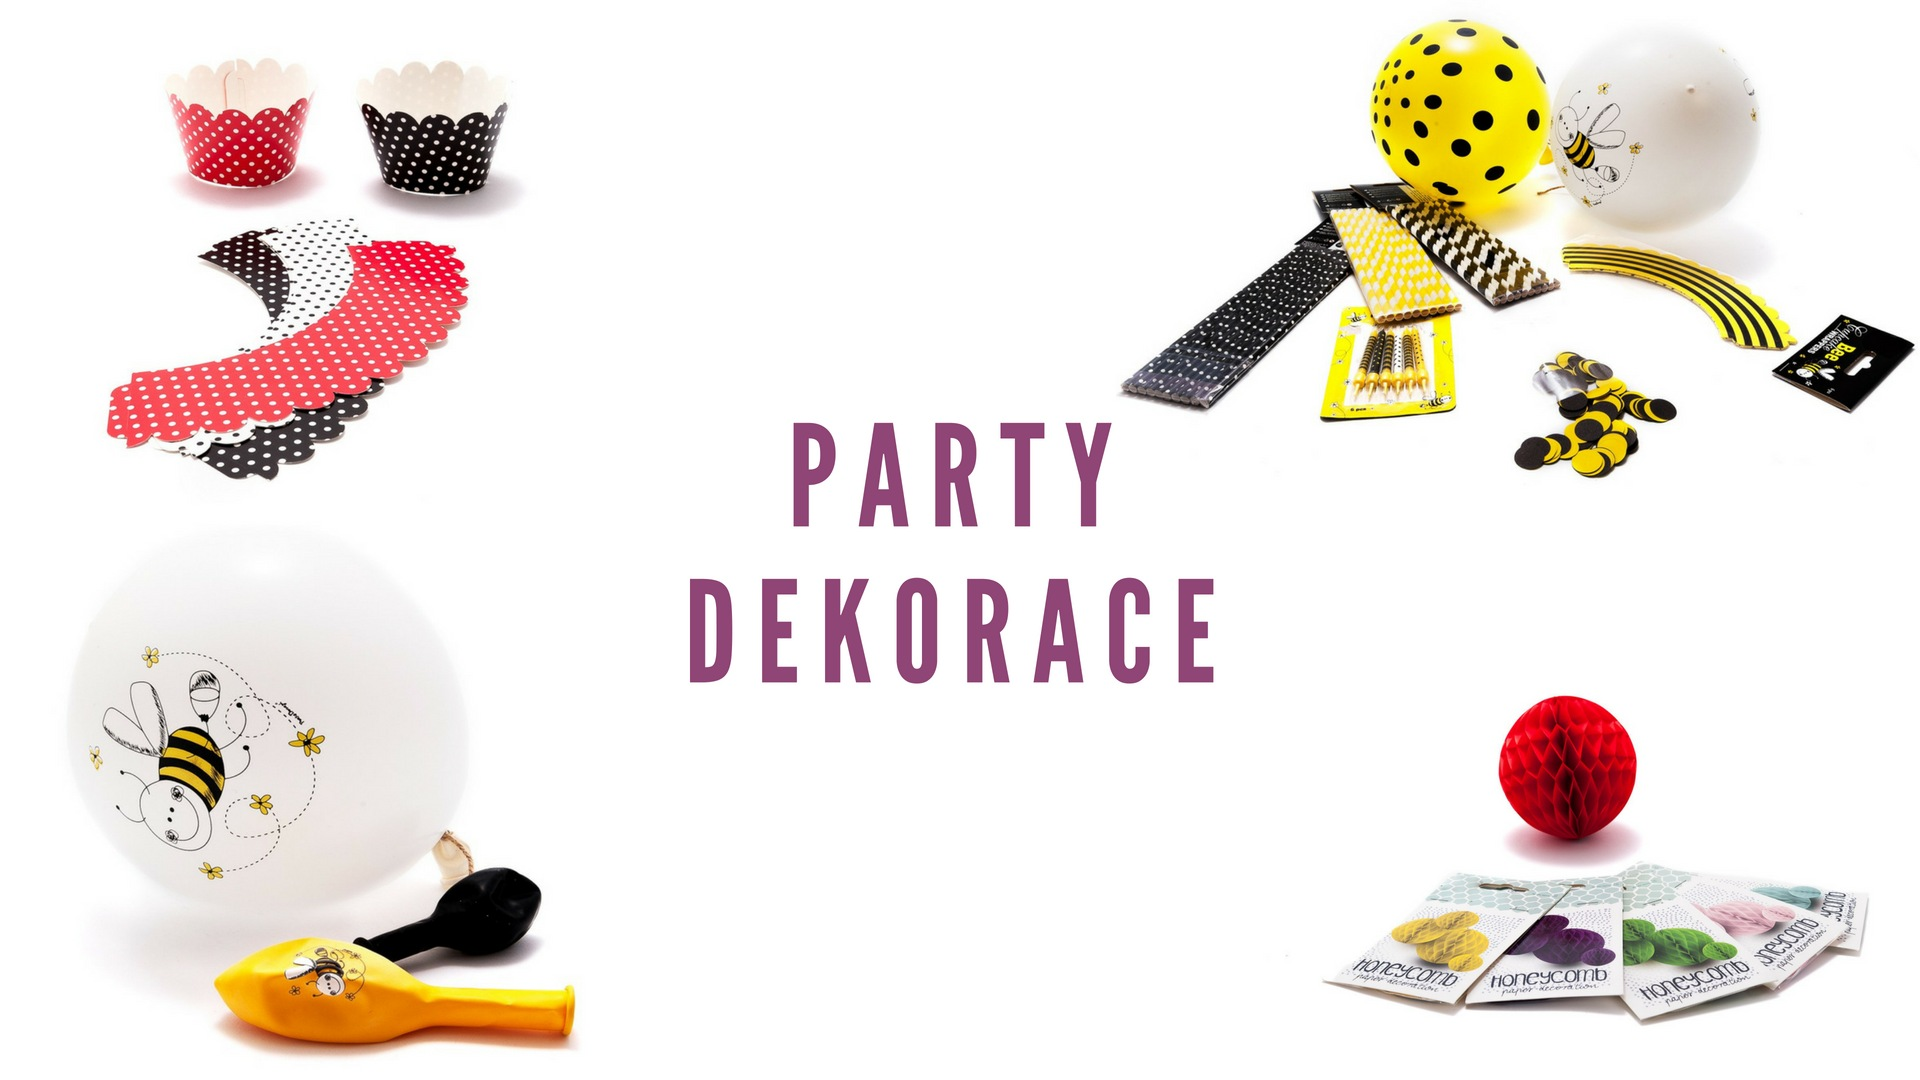 party dekorace